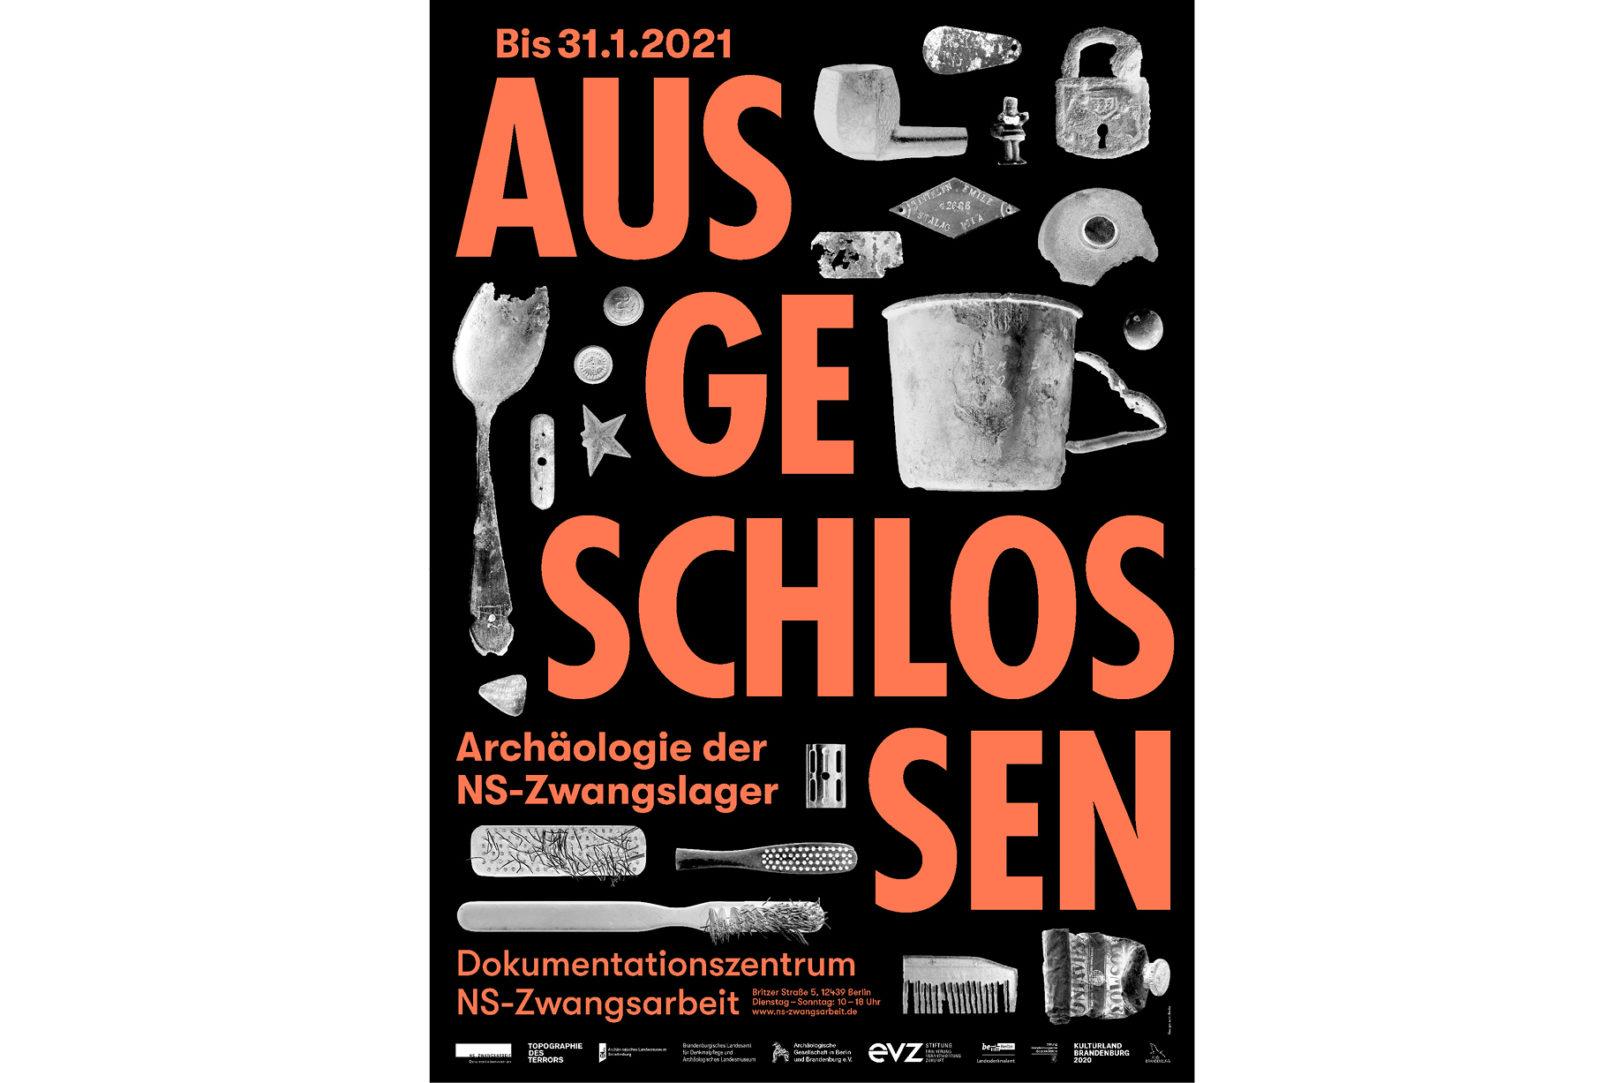 http://e-o-t.de/wordpress/wp-content/uploads/2020/04/Poster-Ausgeschlossen-Show-eot.jpg